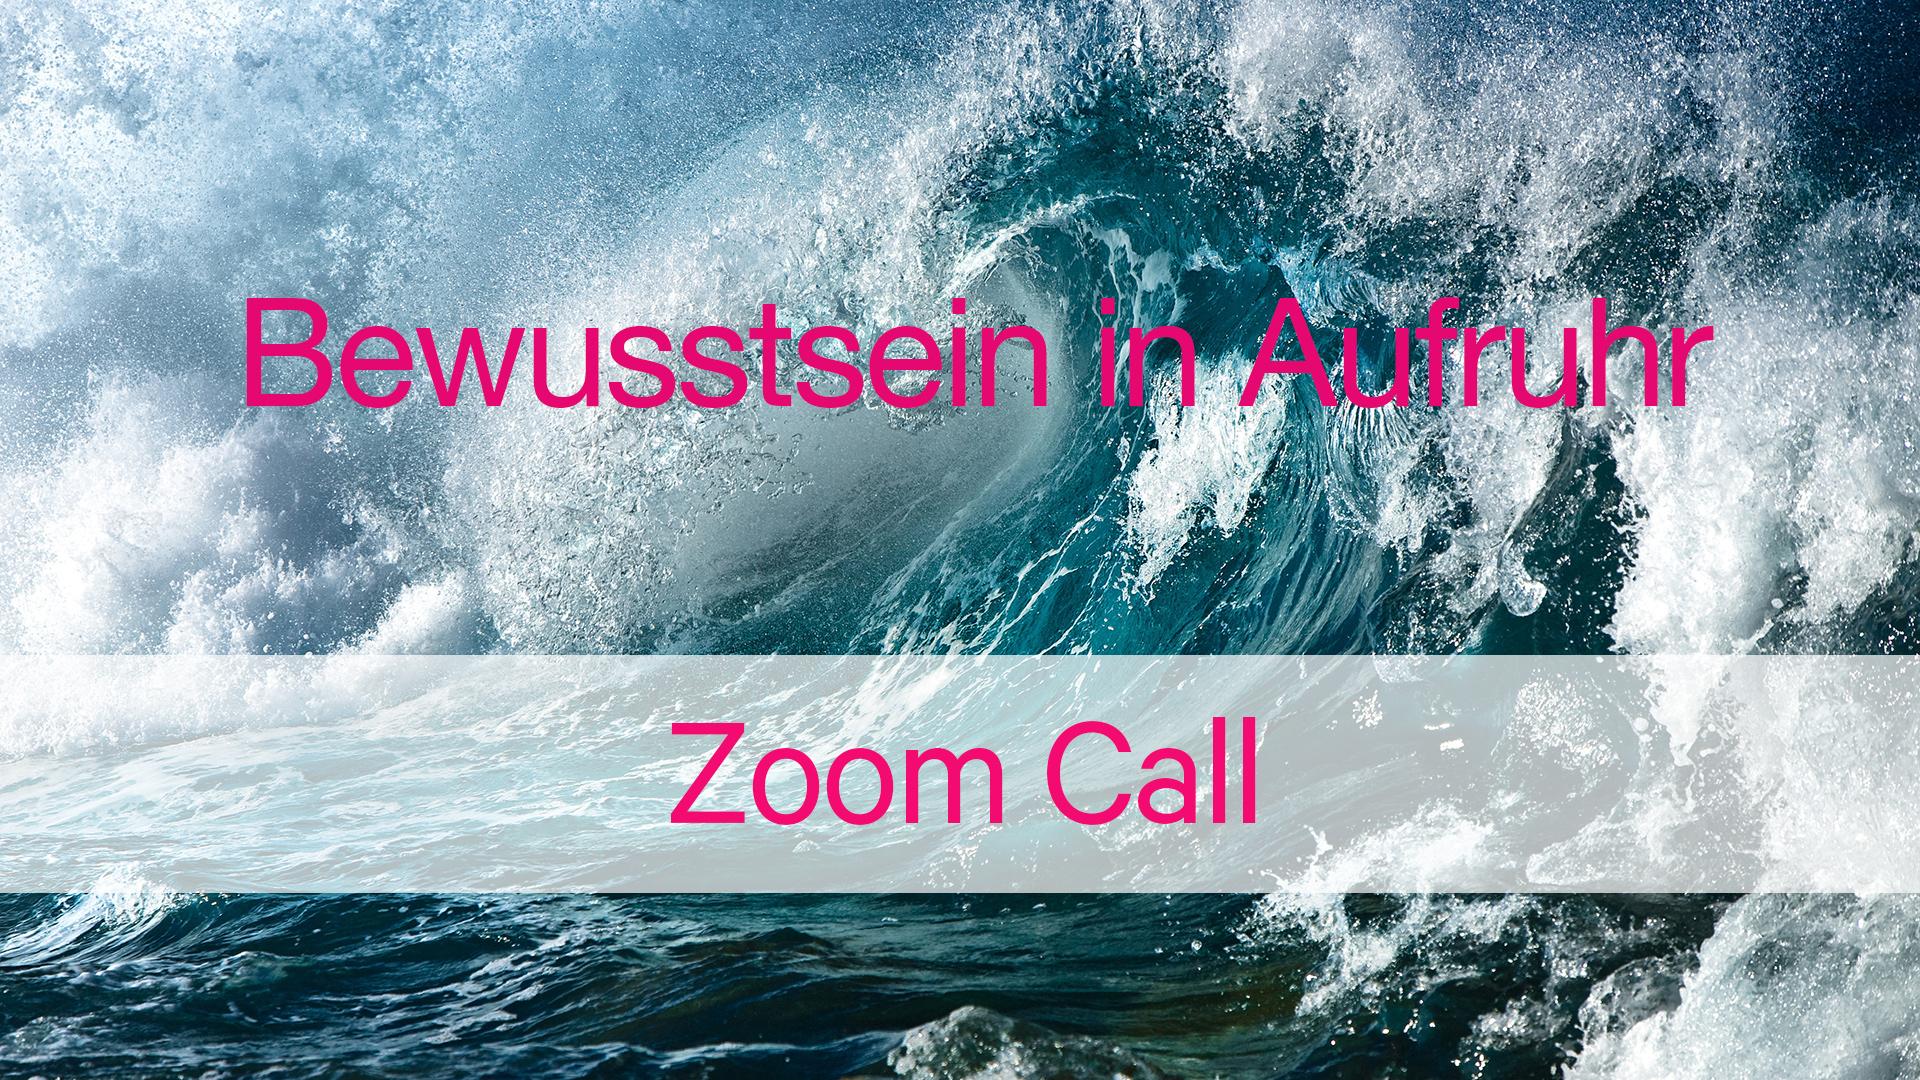 aufruhr_des_Bewusstseins-zoomcall-vorschau